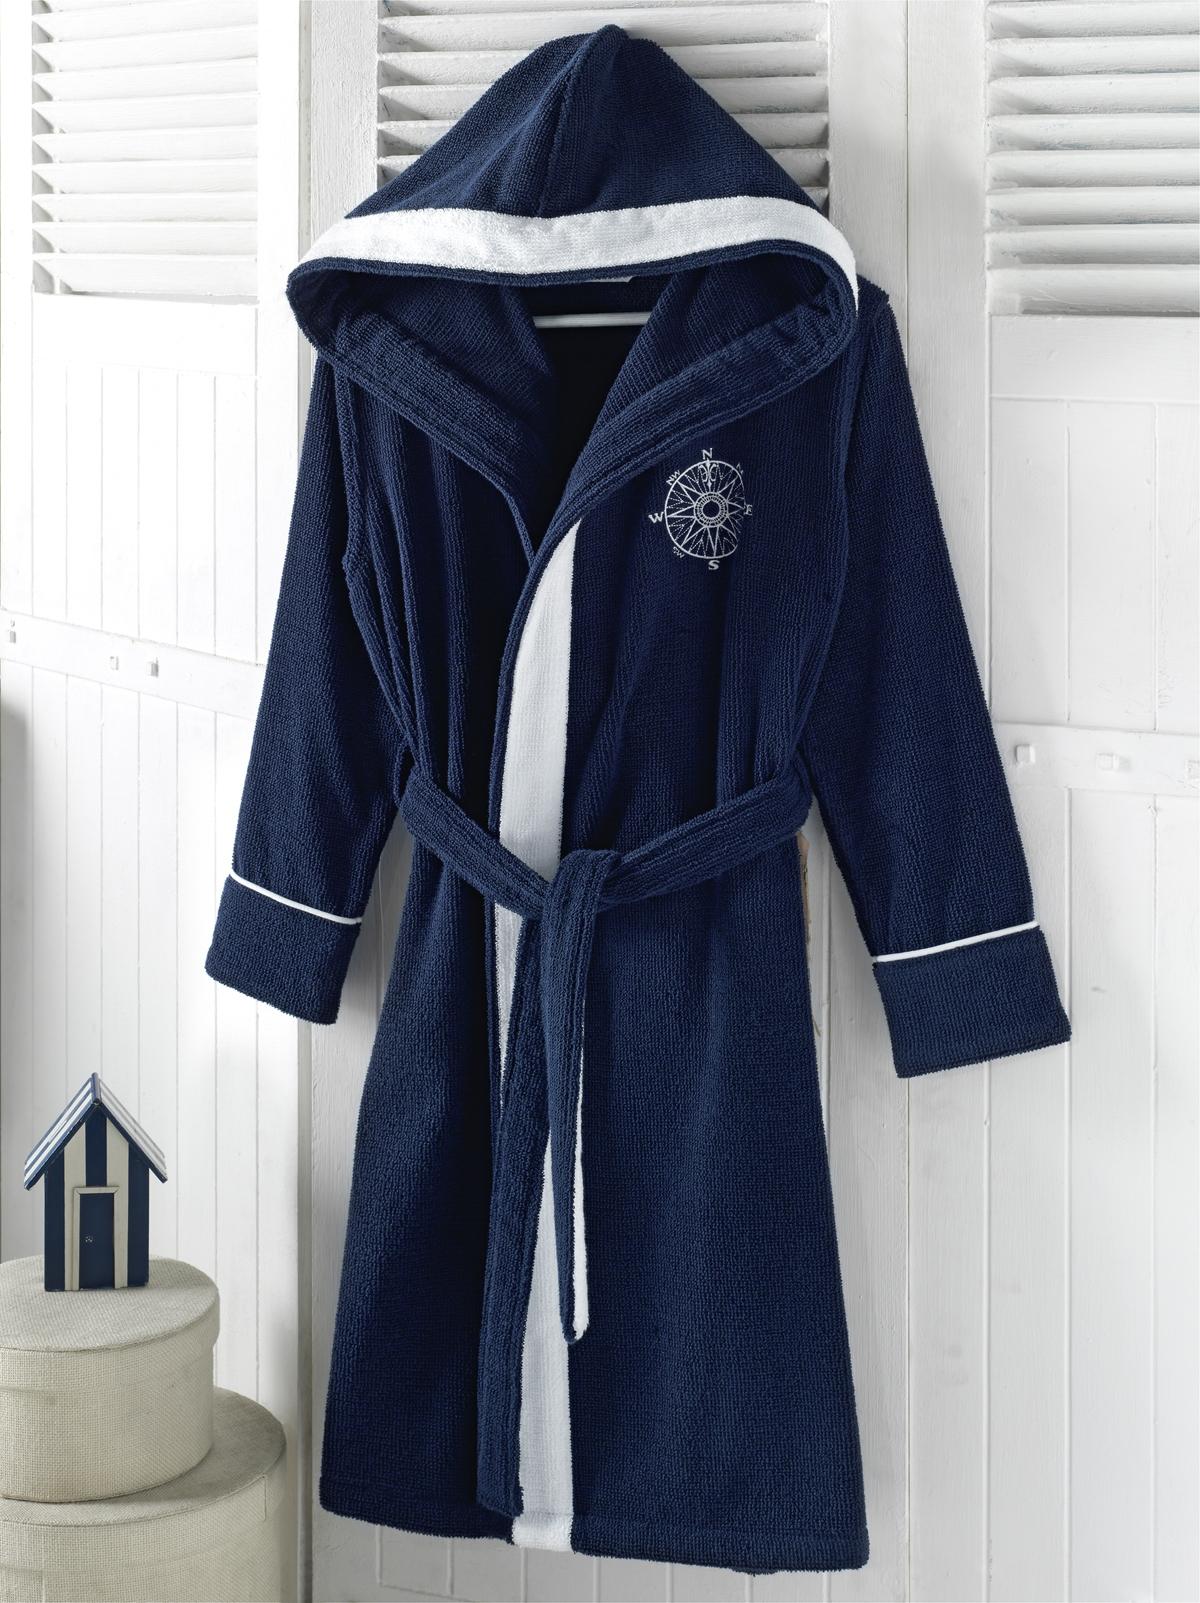 Халаты женские MARINE LADY  синий  женский халат с капюшоном Soft Cotton (Турция) MARINE_LADY.jpg